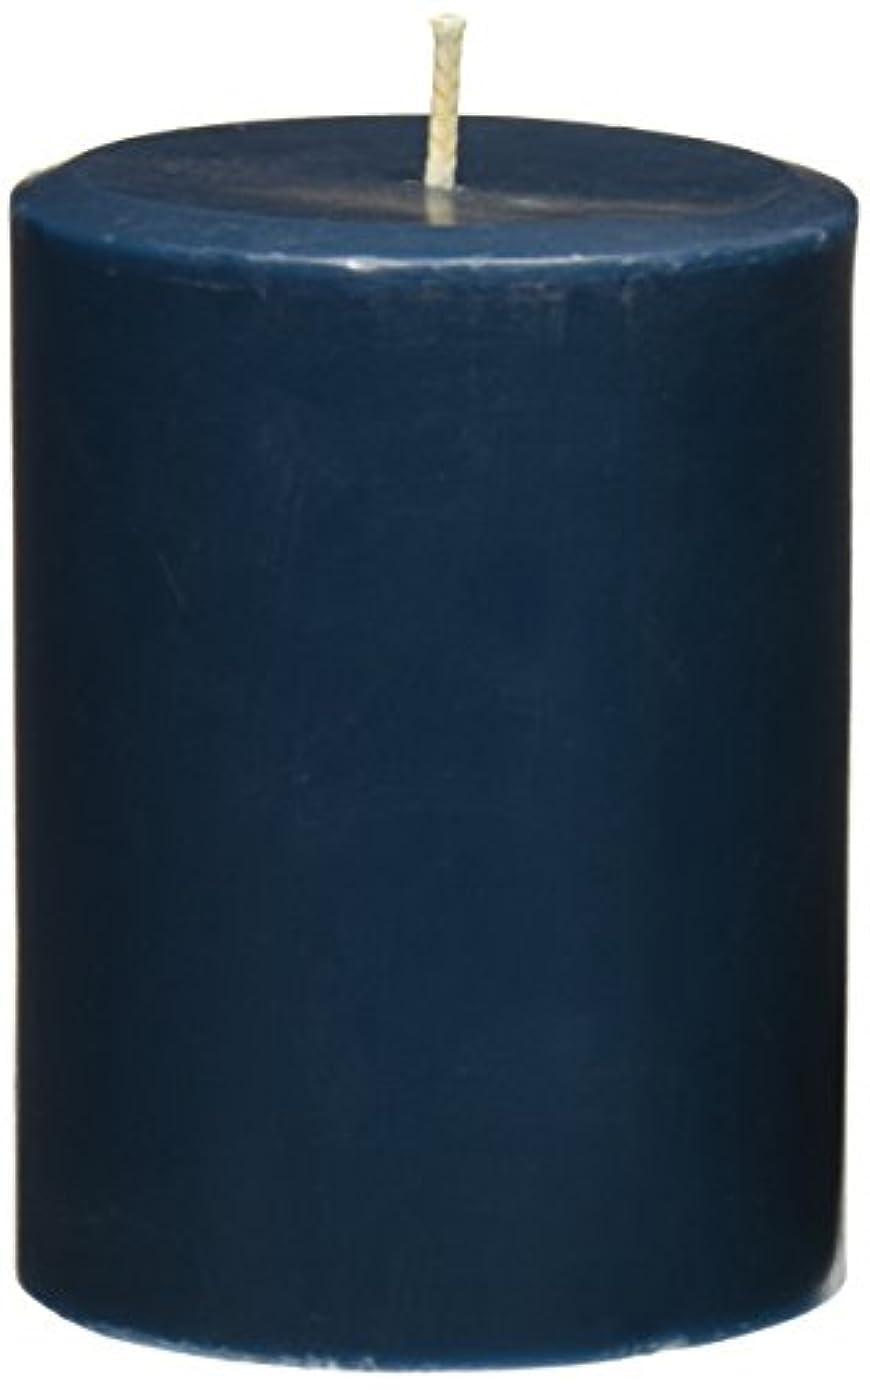 槍わざわざ高層ビルNorthern Lights Candles Sea Salt &海藻FragranceパレットPillar Candle、3 x 4